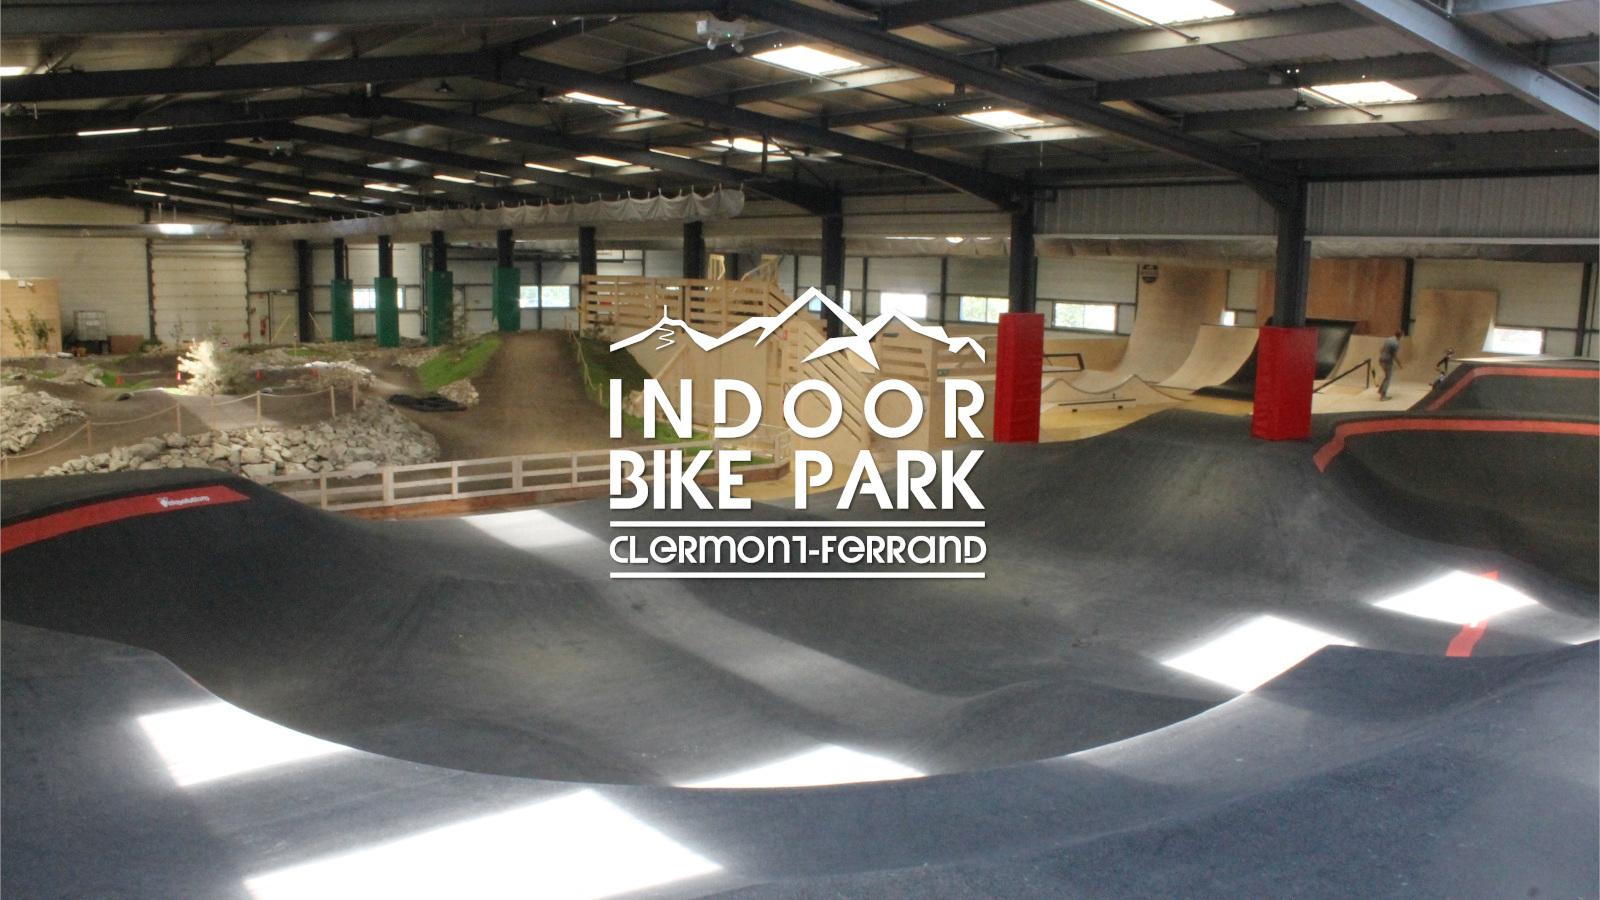 © Wheel'in indoor bike park